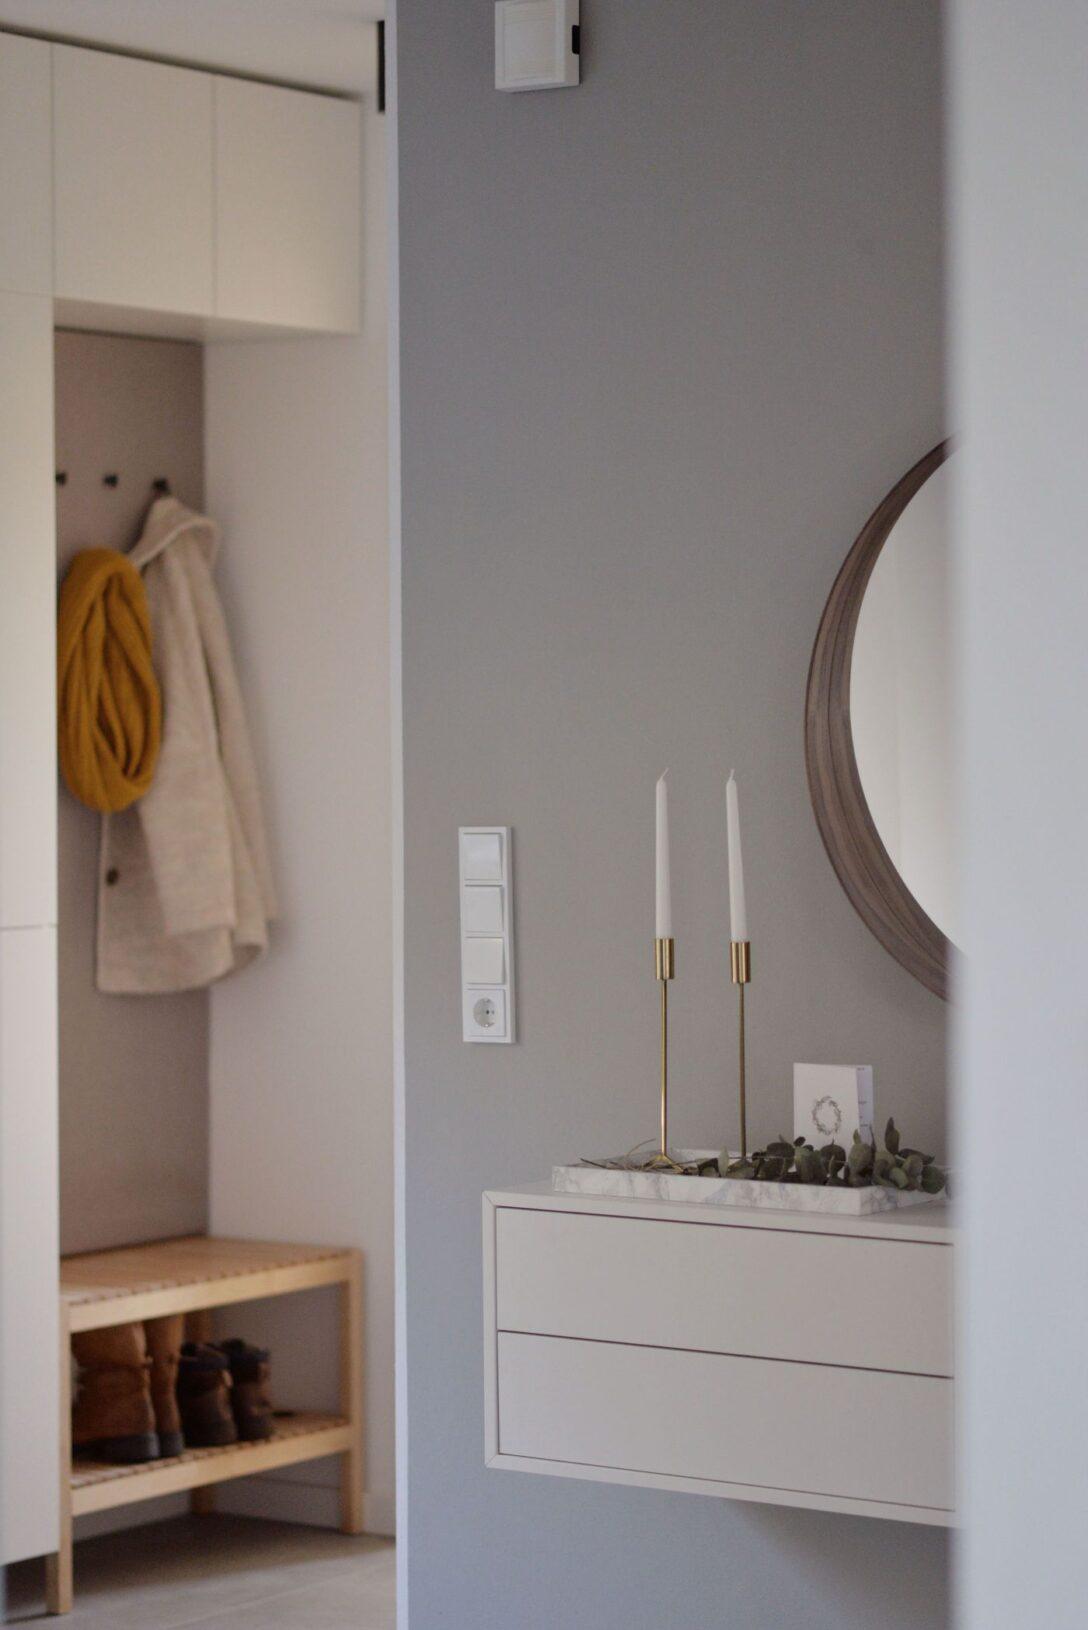 Large Size of Ikea Hack Sitzbank Esszimmer Besten Ideen Fr Hacks Modulküche Schlafzimmer Küche Kaufen Garten Kosten Sofa Für Betten Bei Bad Mit Schlaffunktion Lehne Wohnzimmer Ikea Hack Sitzbank Esszimmer